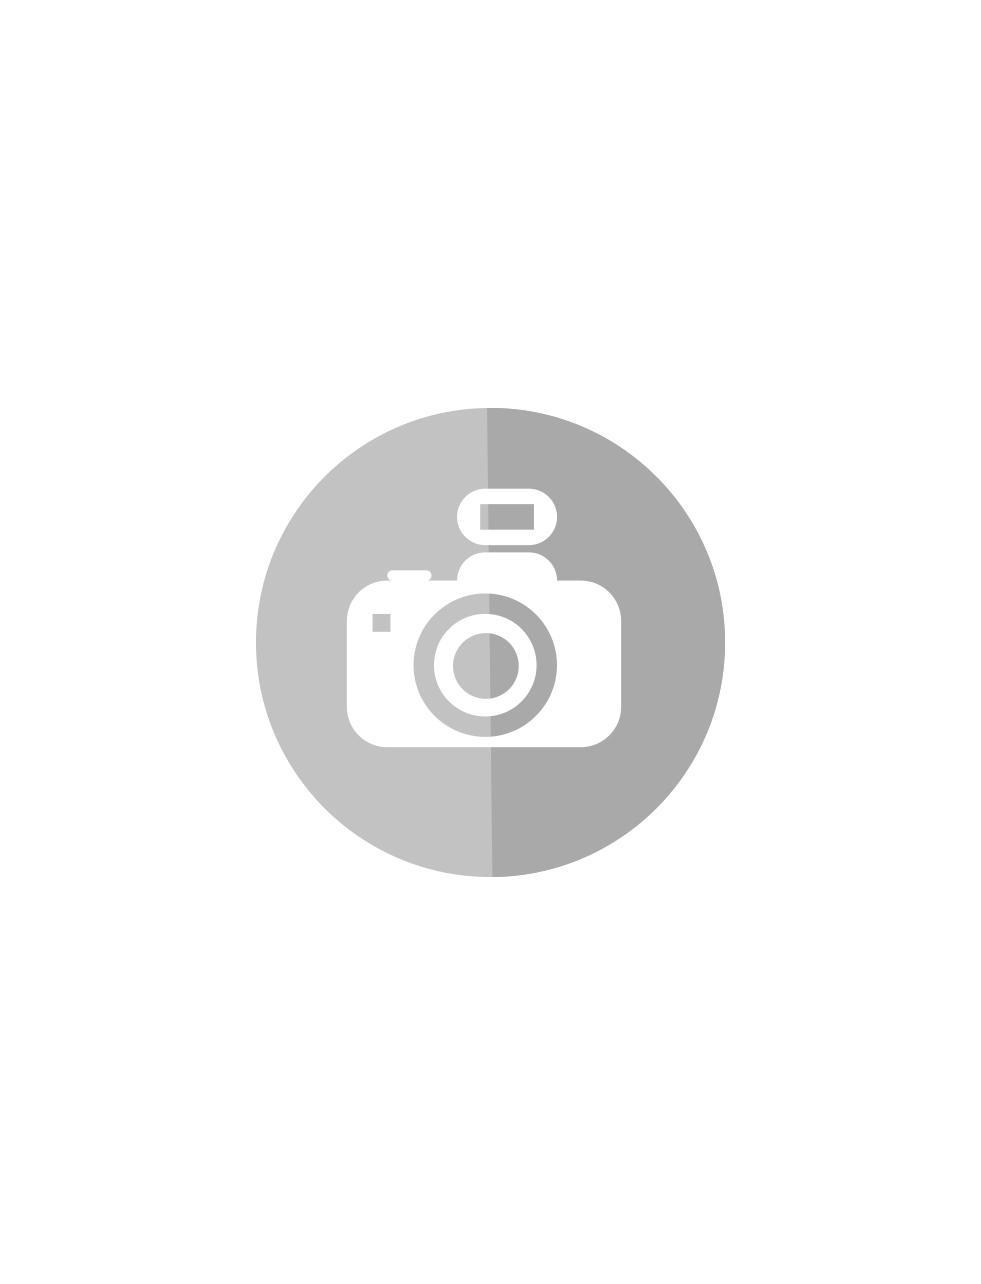 30631645_sparepart/Miniklappbox-Schild